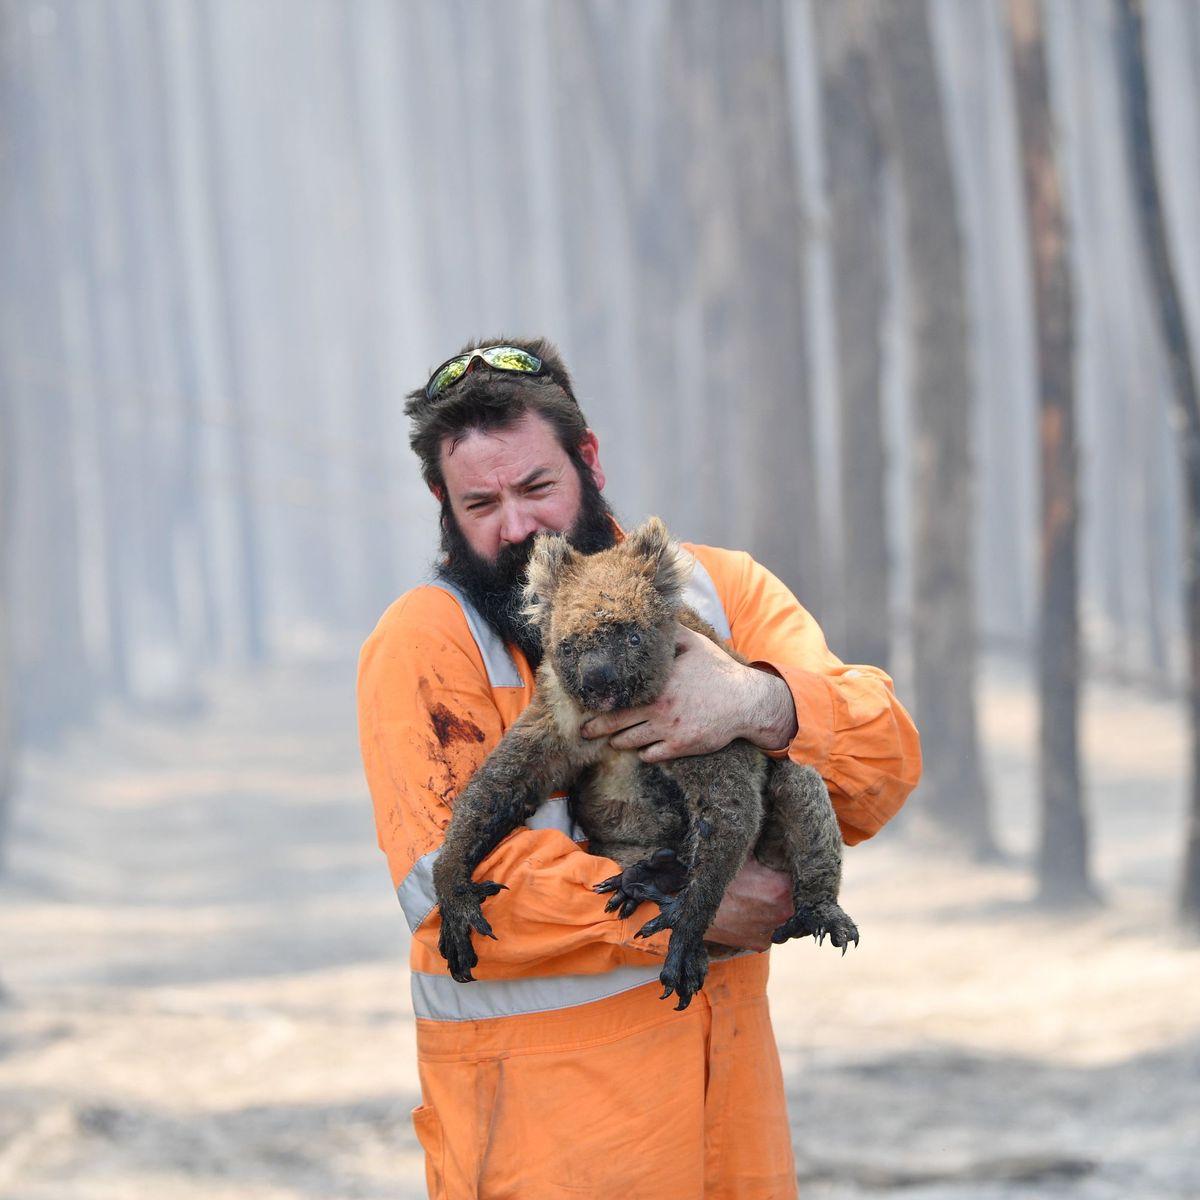 Szenen aus Australien: Das verbrannte Land